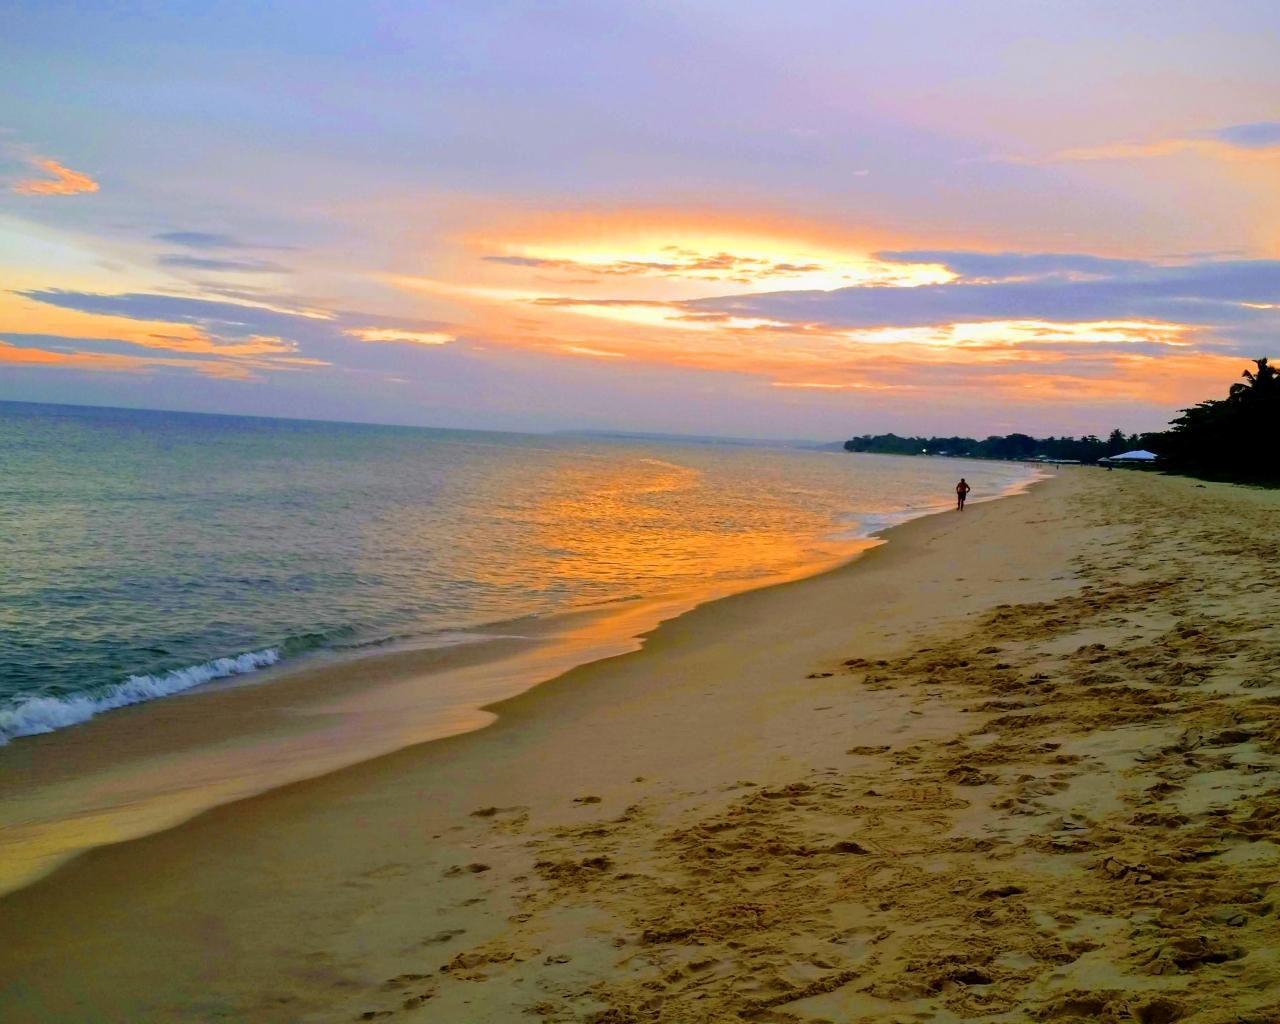 Playa de Porto Seguro - 1280x1024